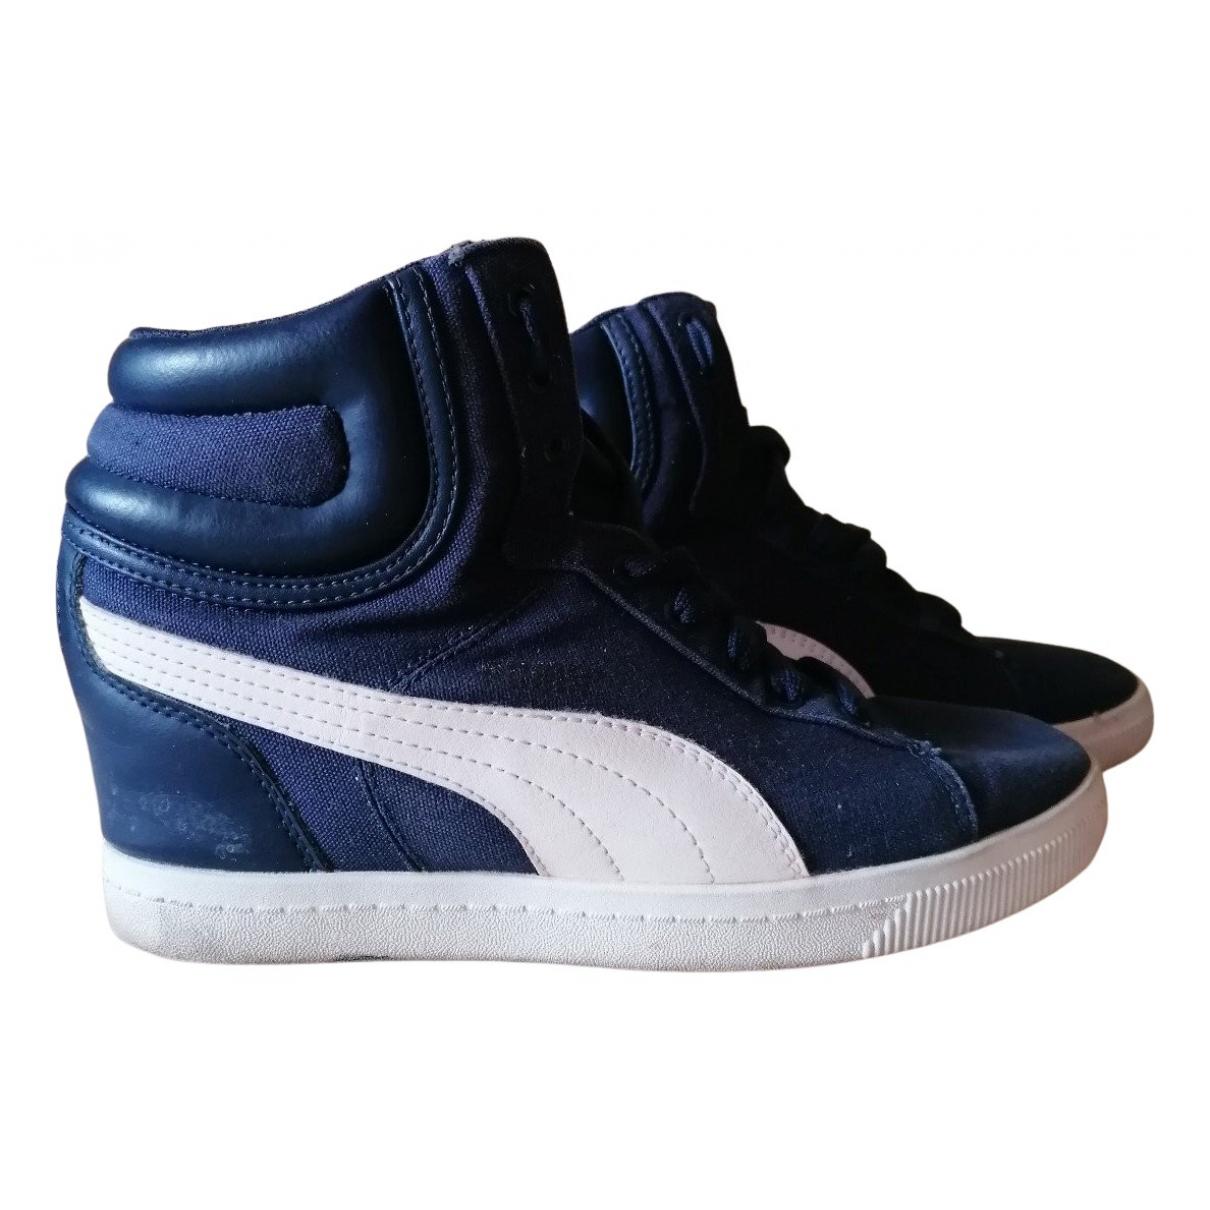 Puma - Baskets   pour femme en toile - bleu